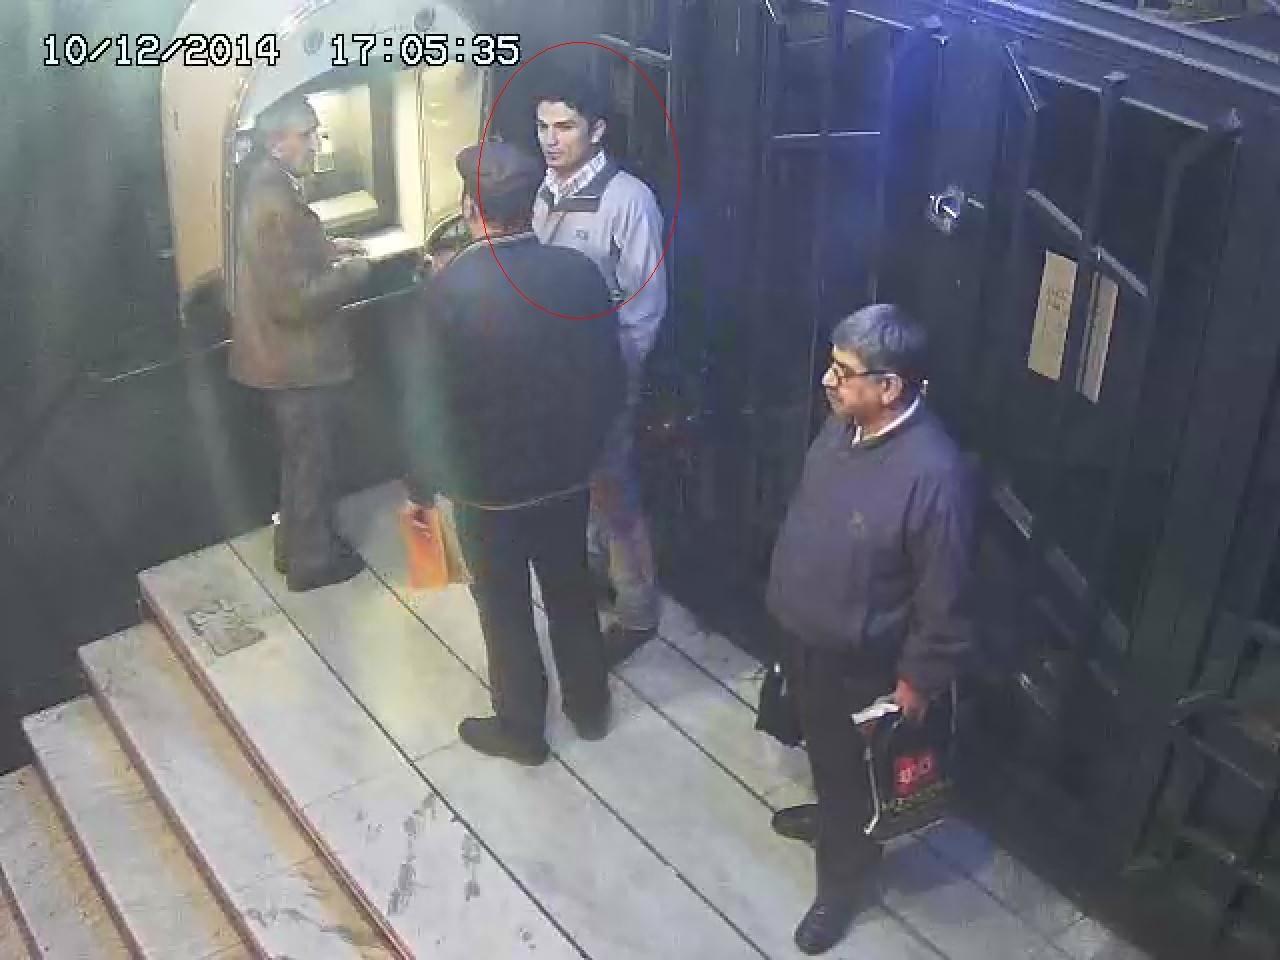 پلیس به دنبال کلاهبرداری که ماهرانه از مردم سرقت می کرد+تصویر